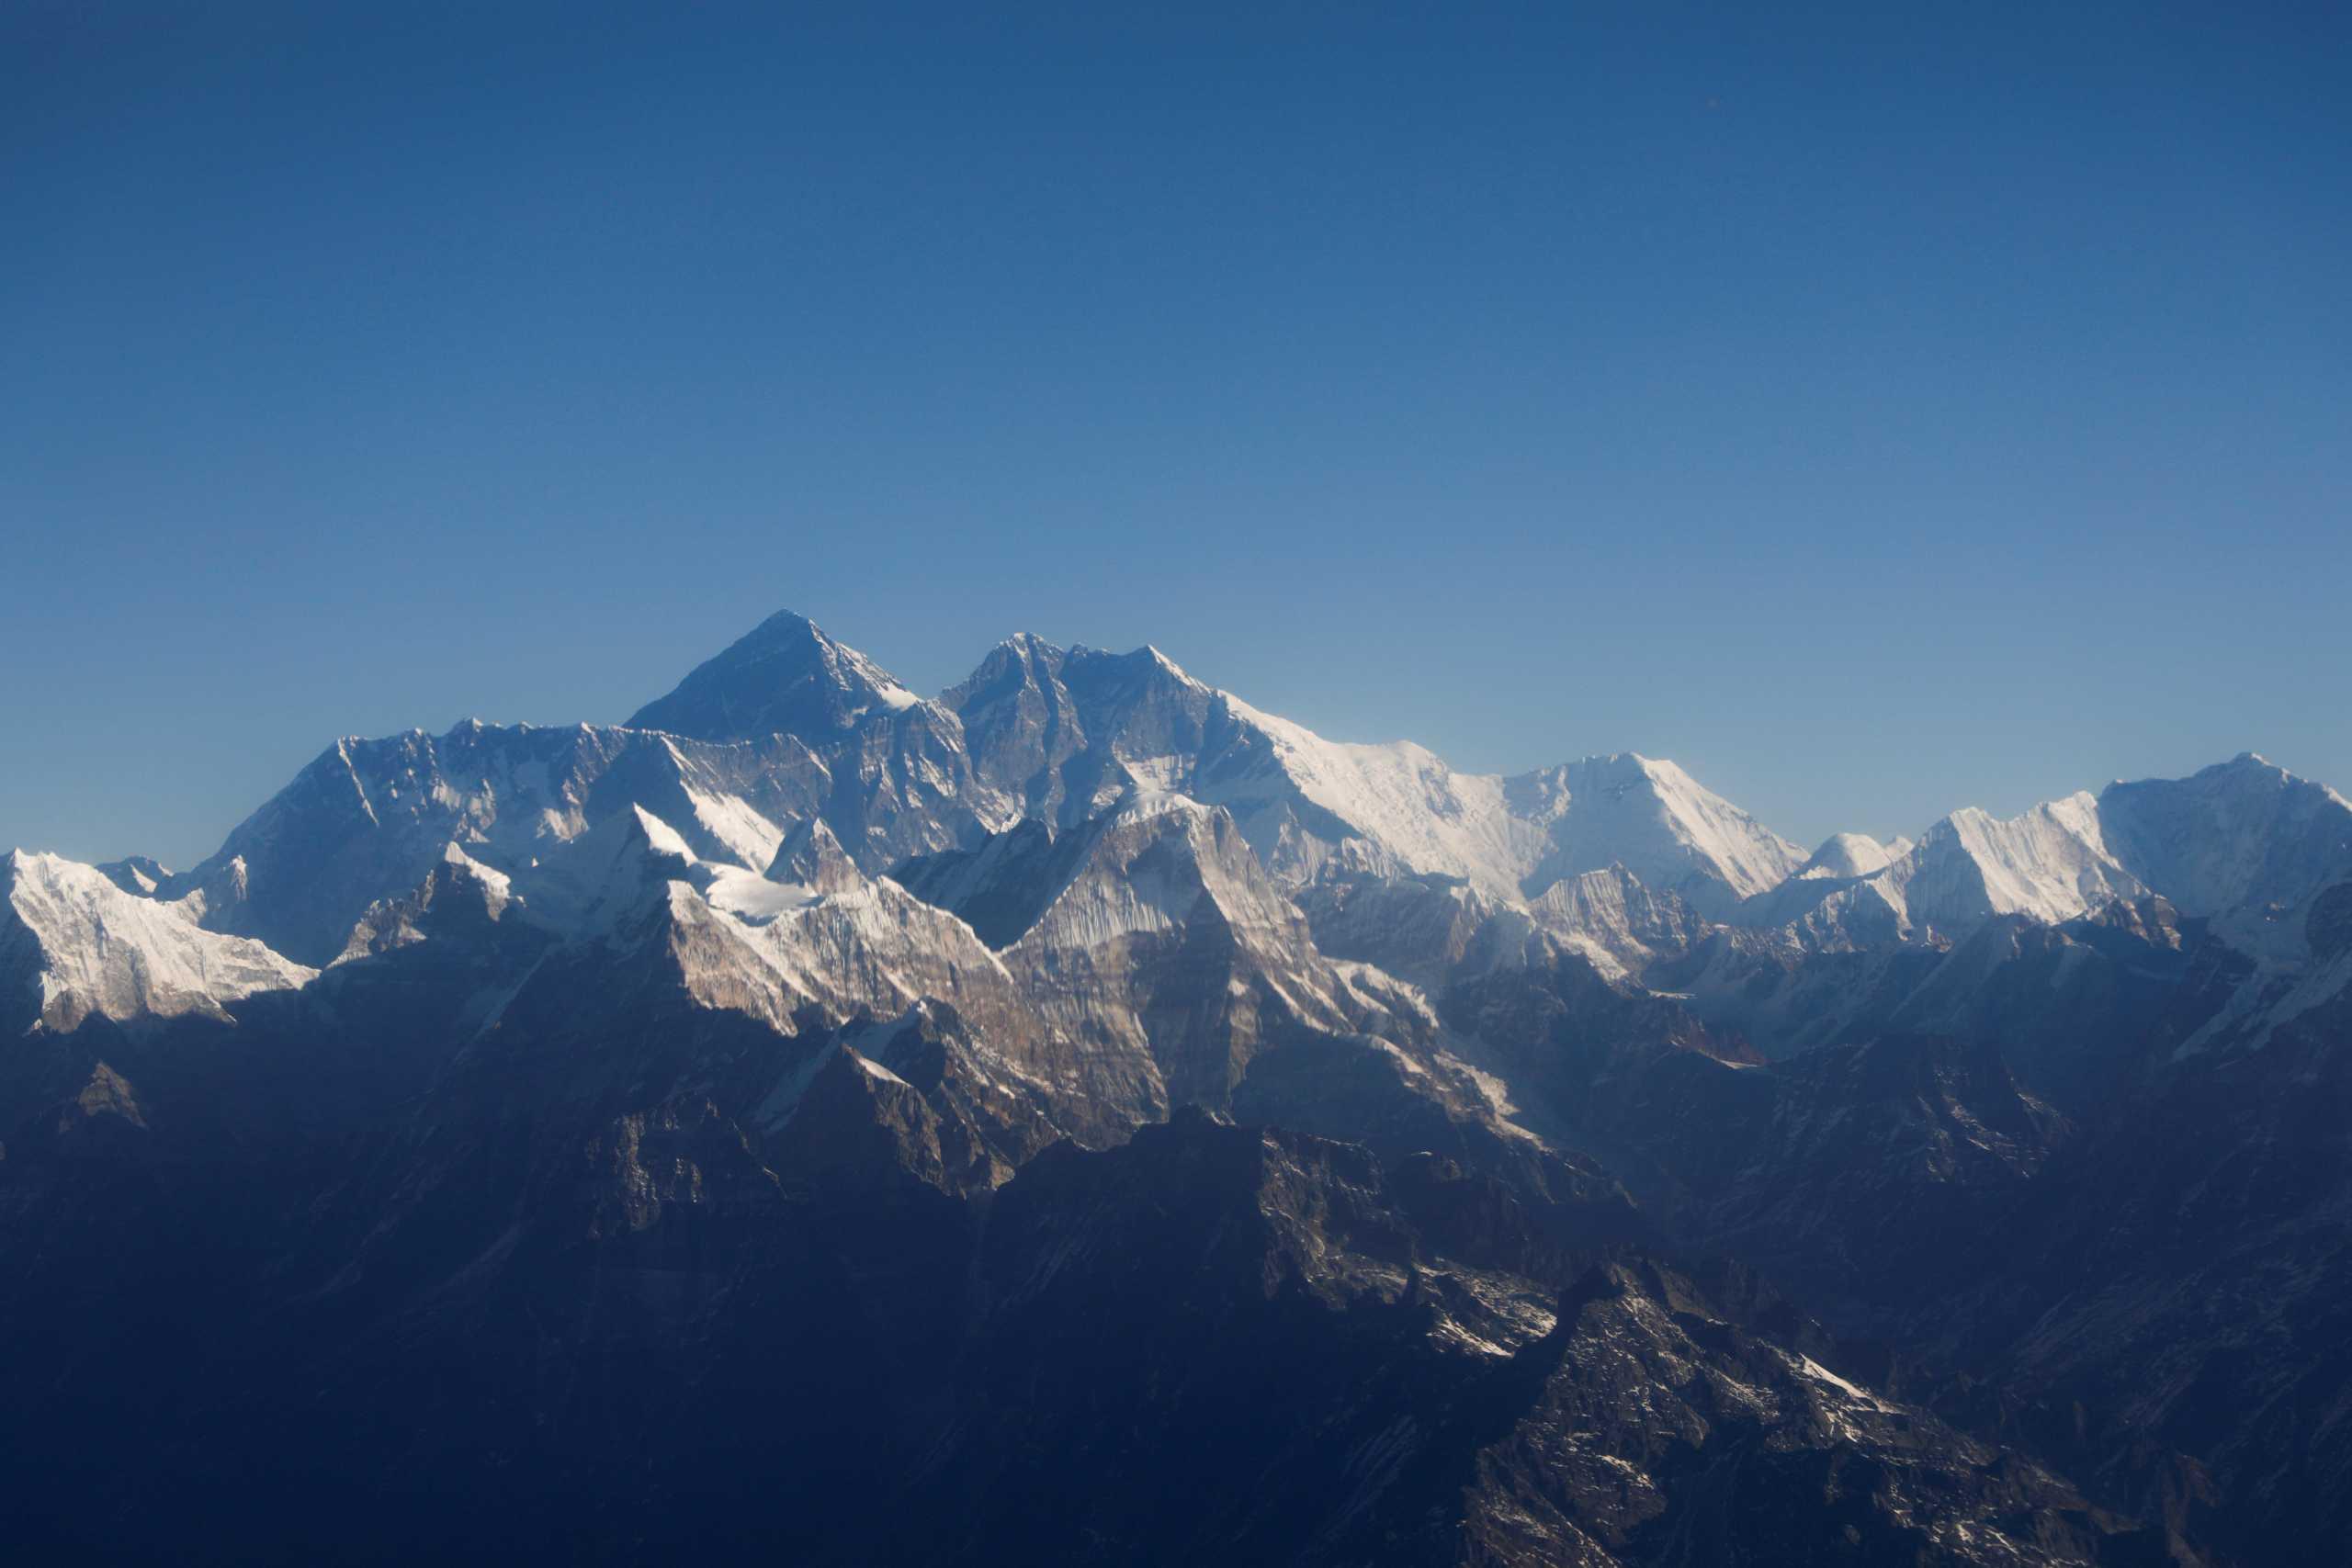 Το Έβερεστ ψήλωσε κατά περίπου ένα μέτρο – Τι συμφώνησαν Κίνα και Νεπάλ